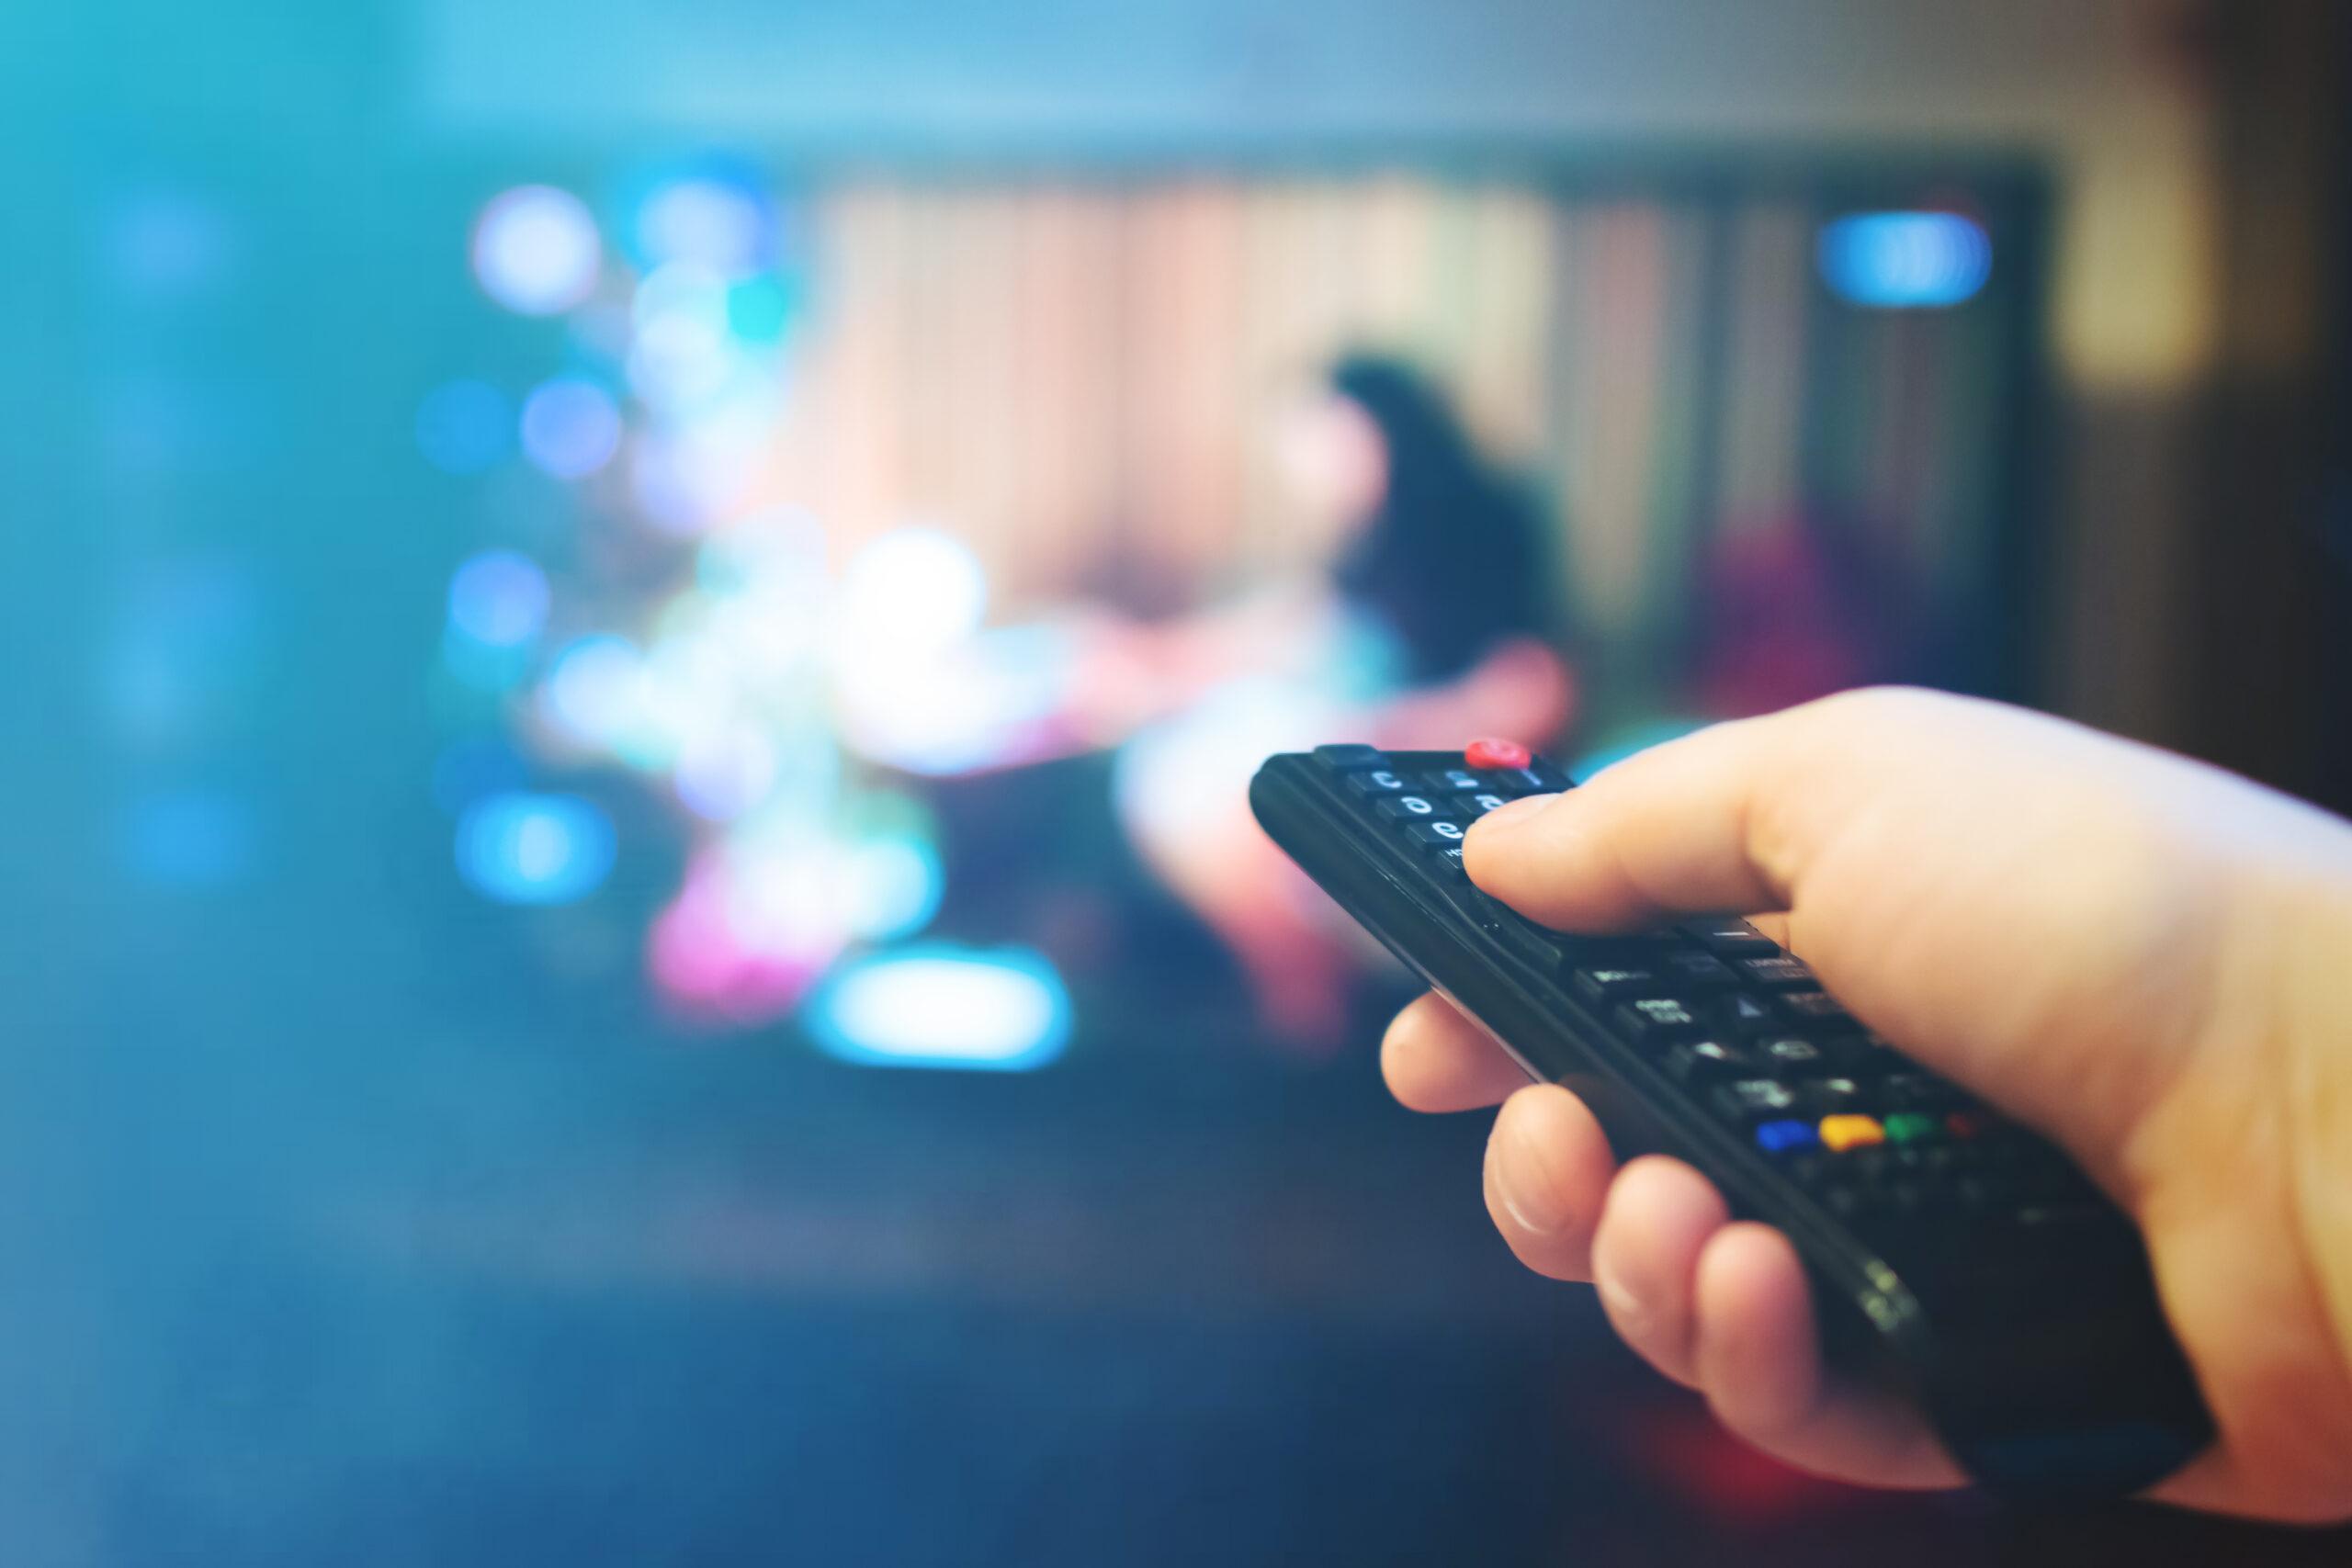 Popularność reality show znowu rośnie. 5 programów, które mogłeś przeoczyć